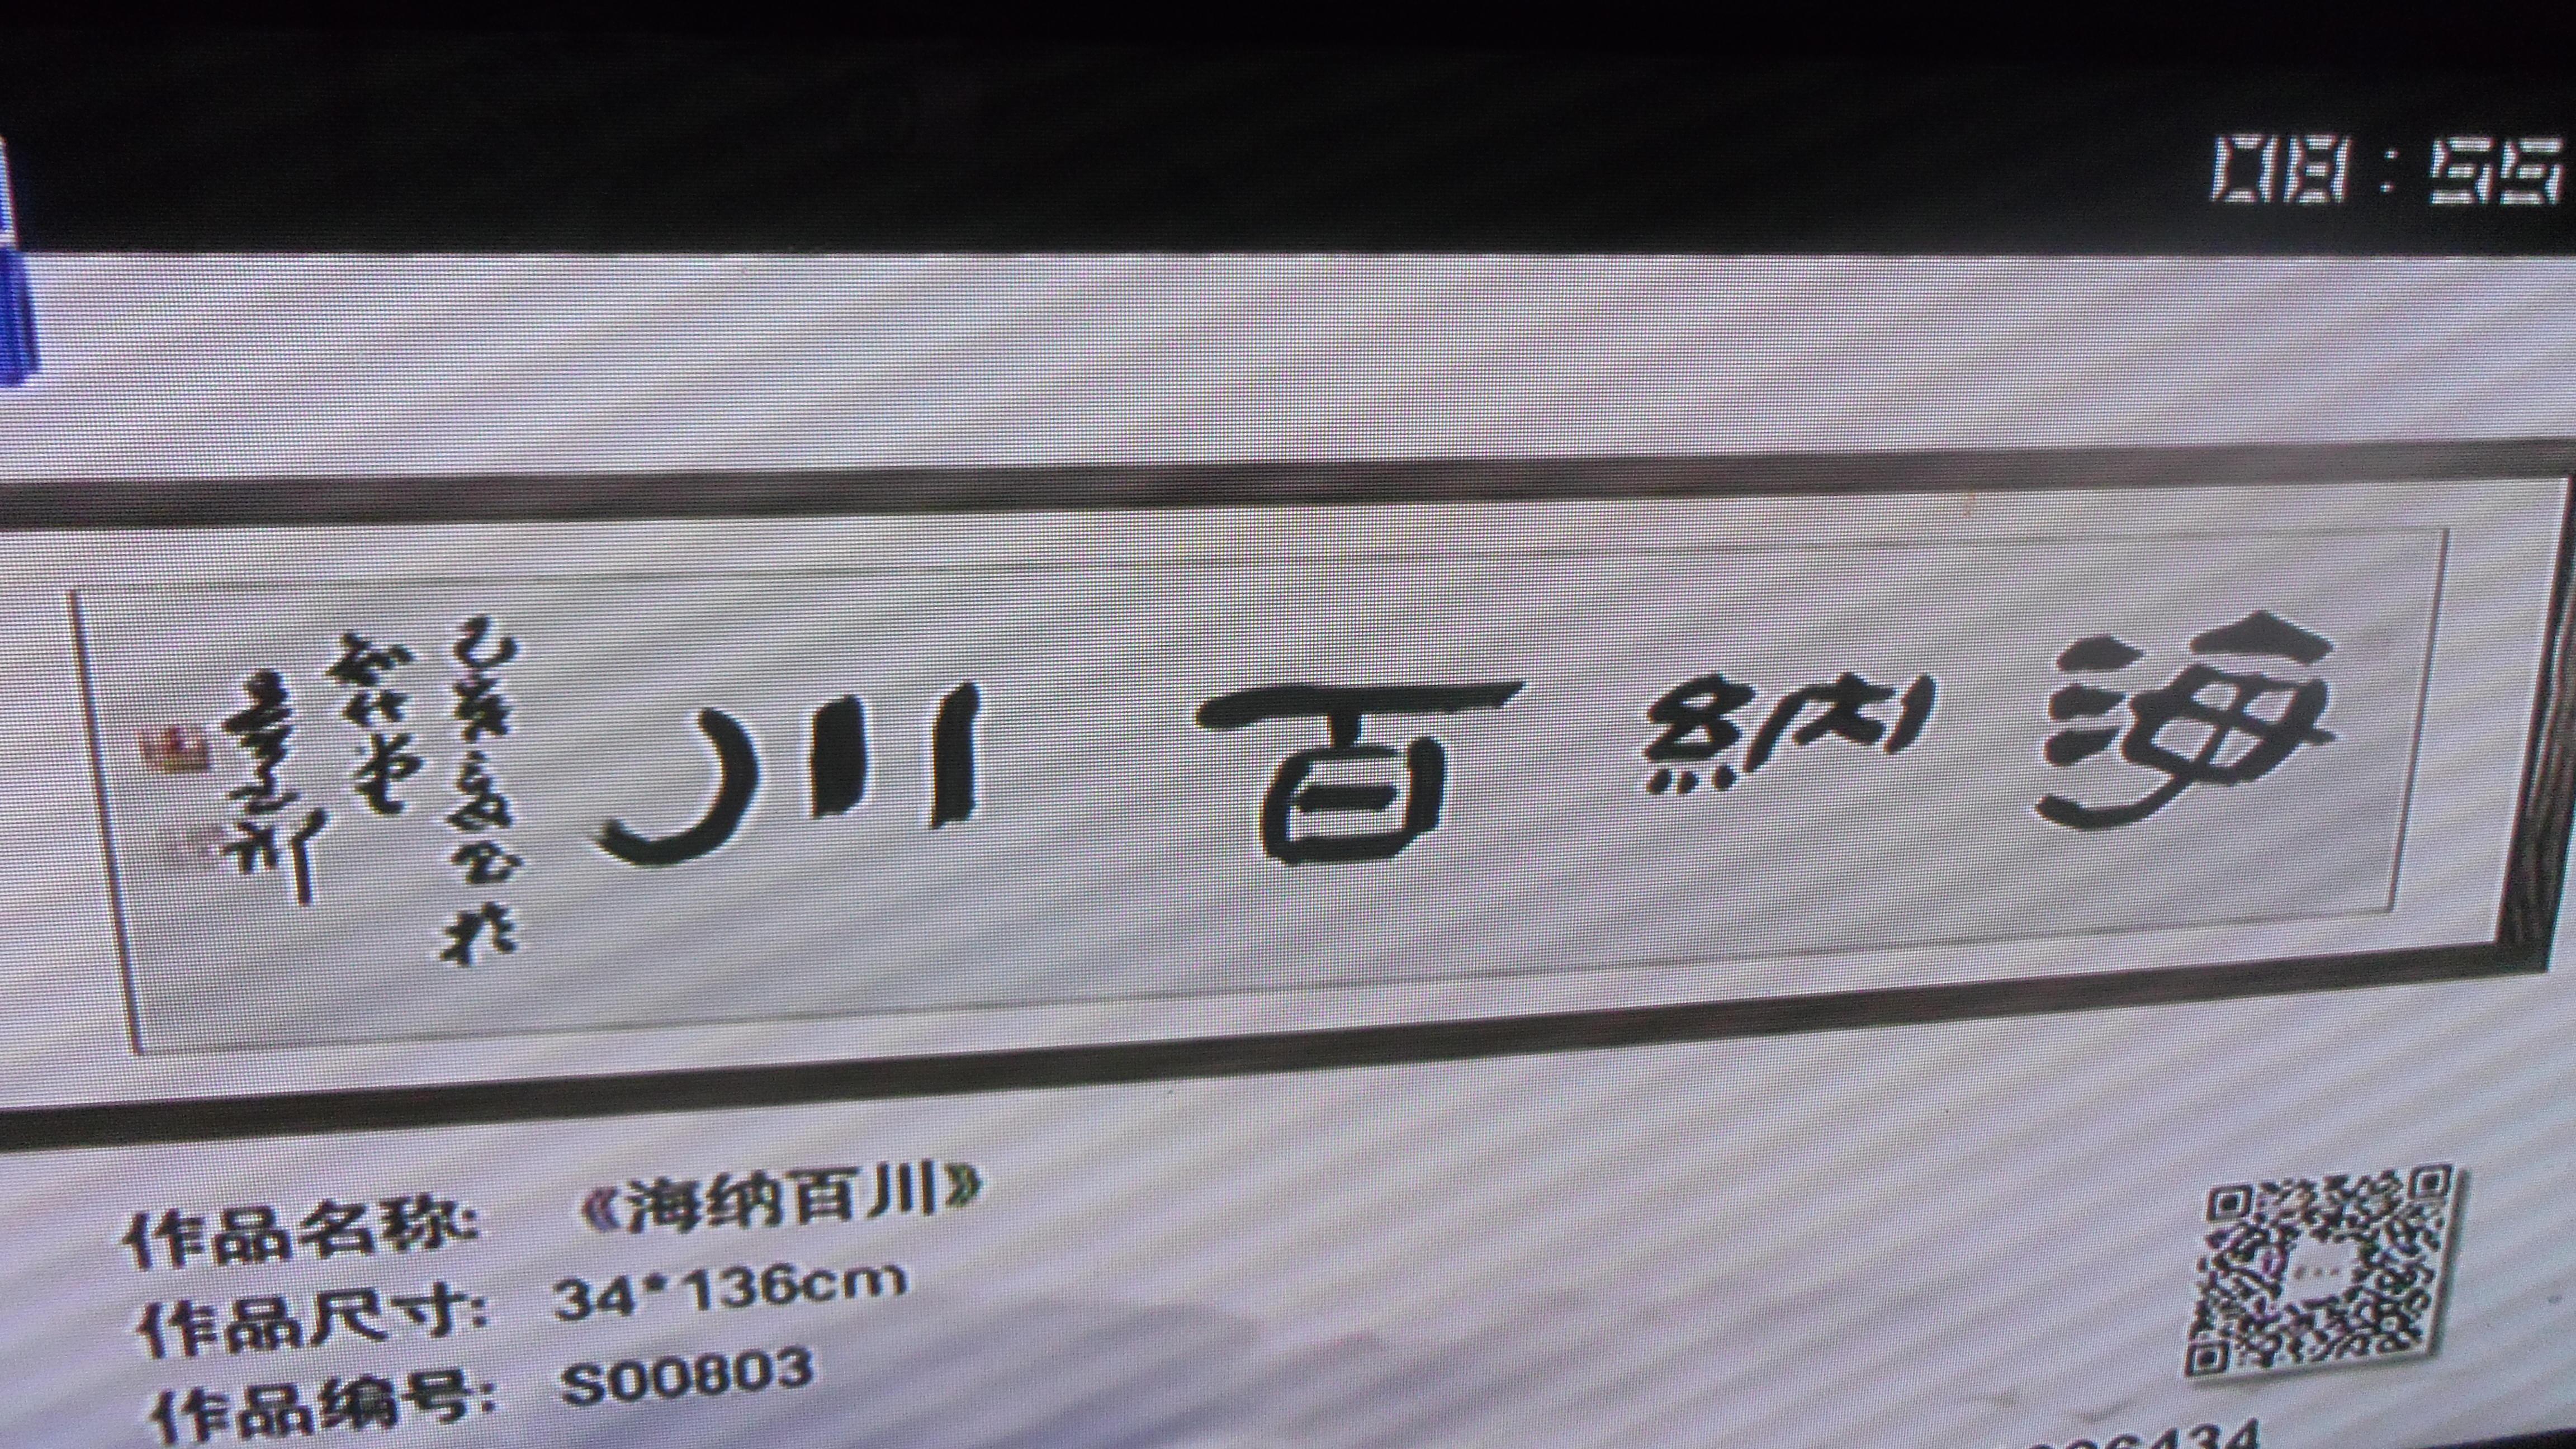 IMGP4675.JPG